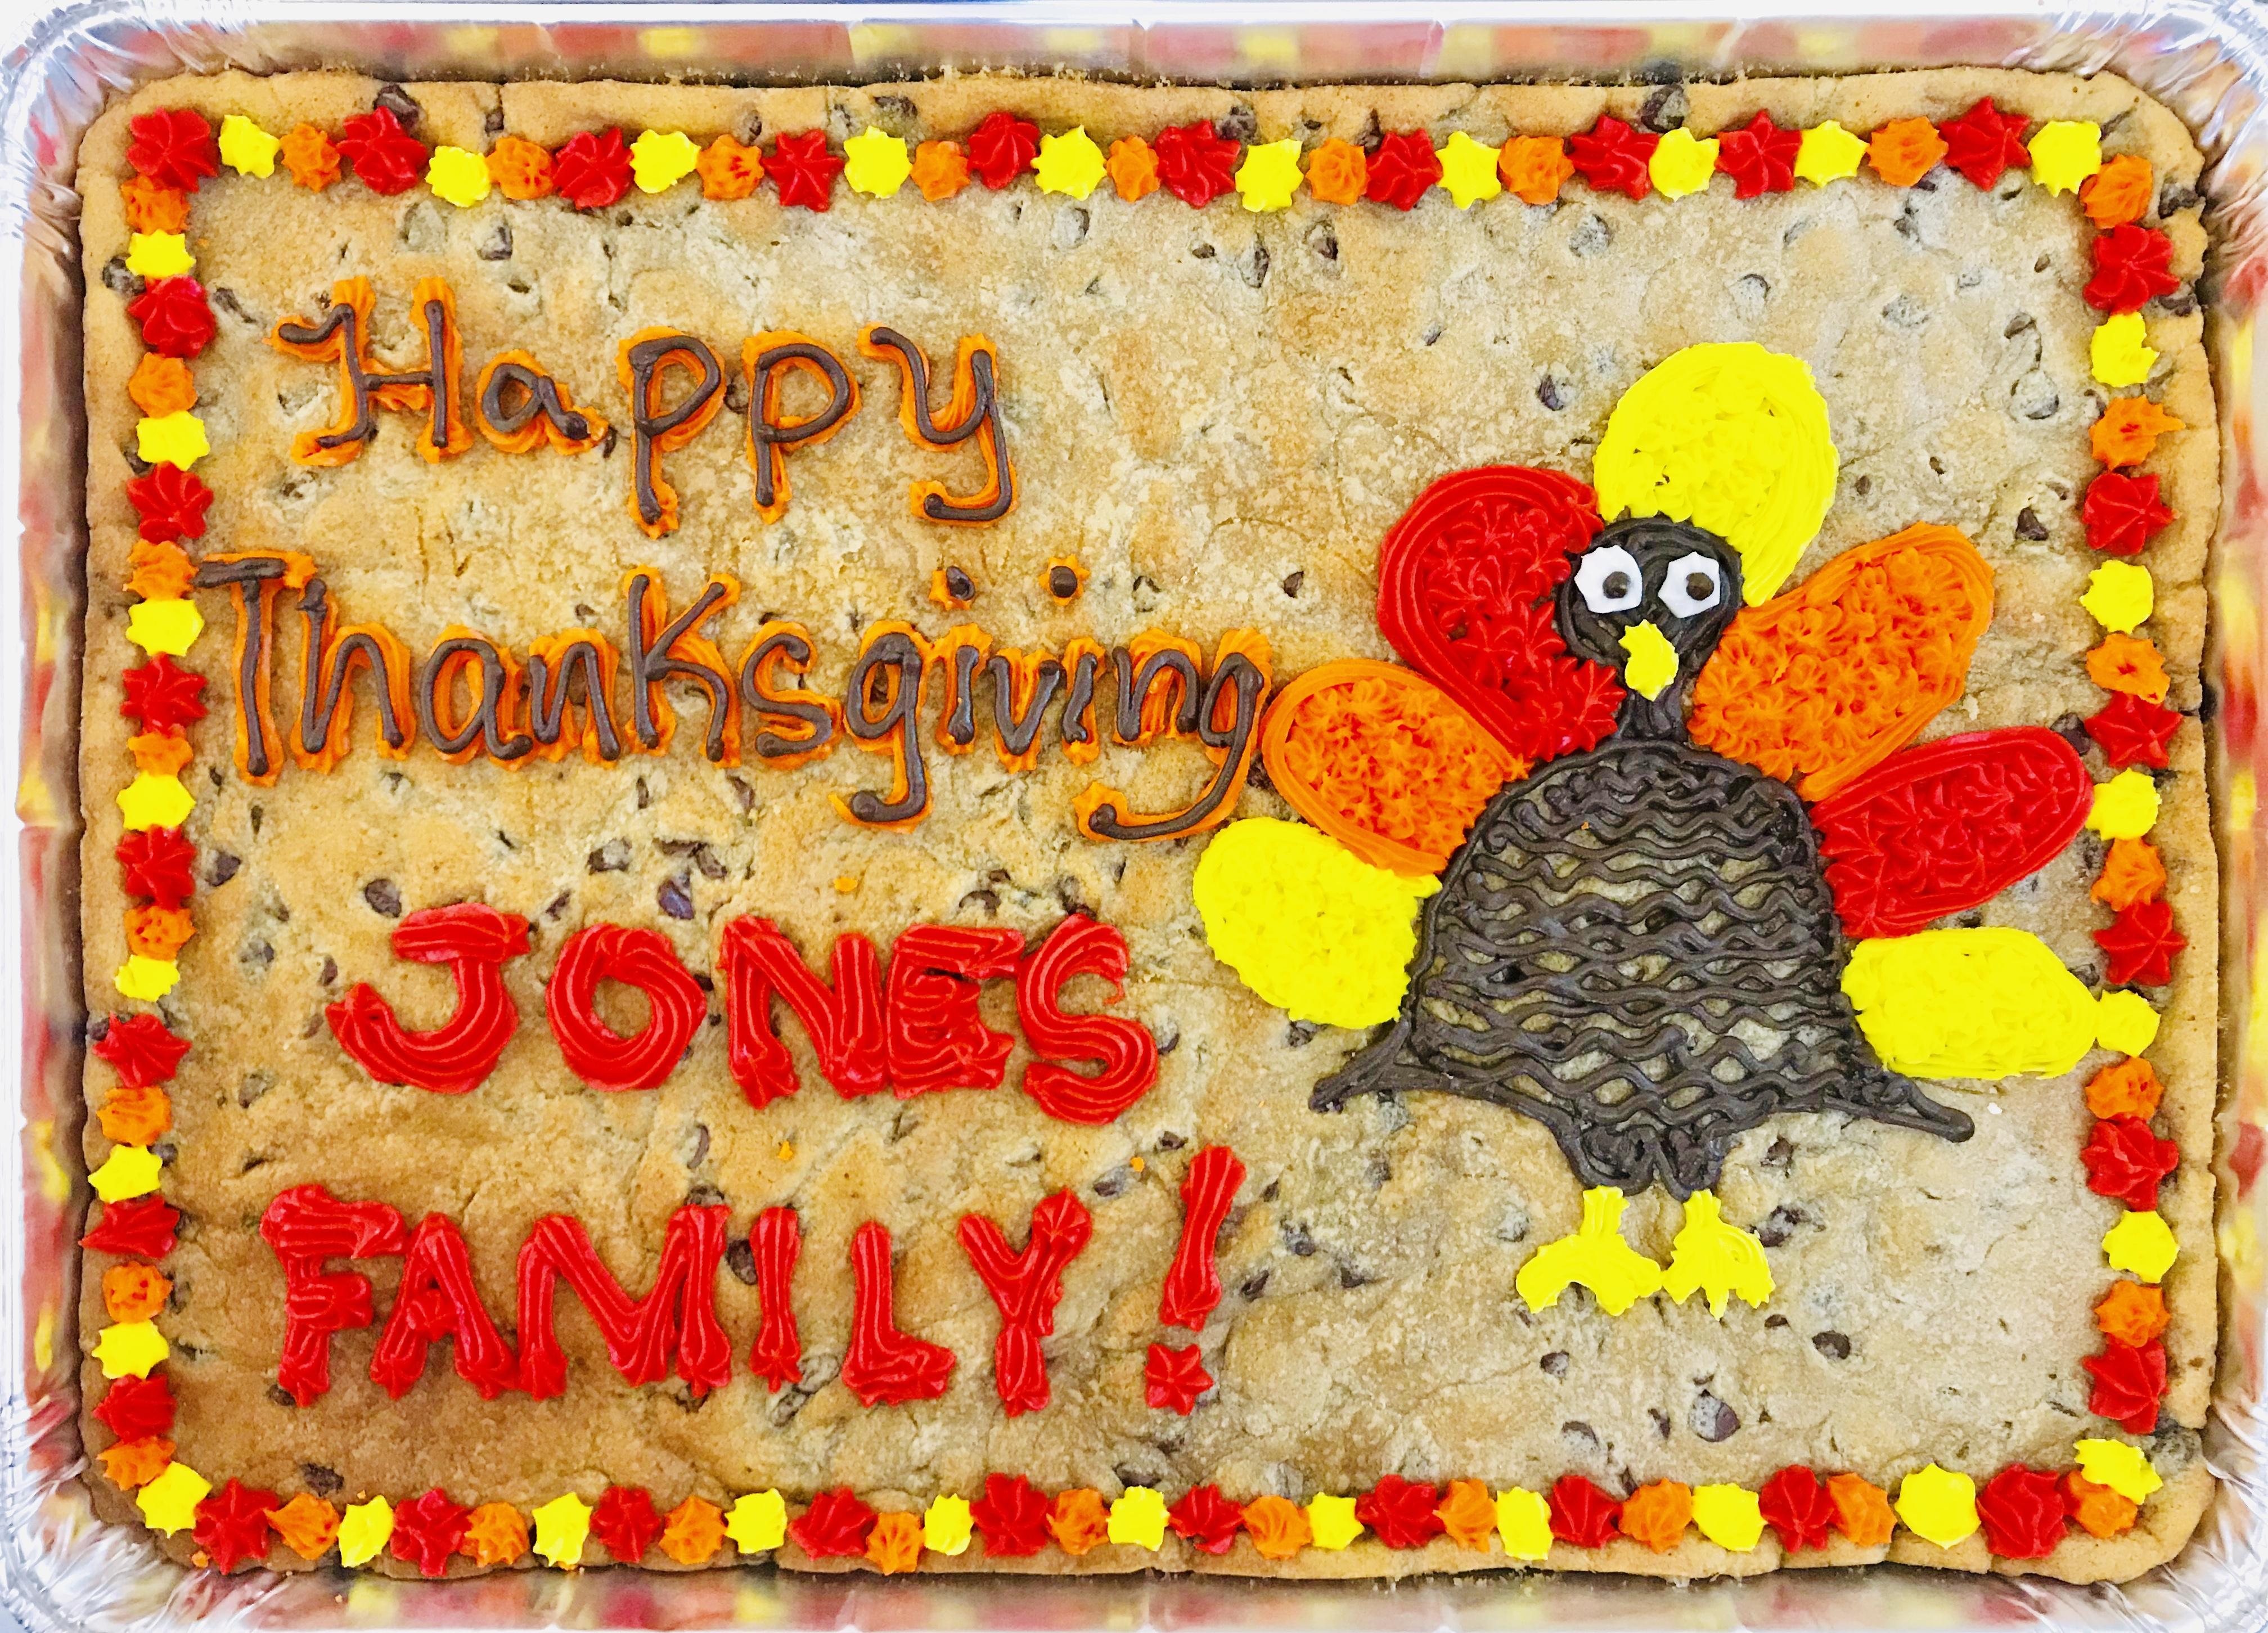 https://0201.nccdn.net/4_2/000/000/008/486/thanksgiving-4032x2903.jpg